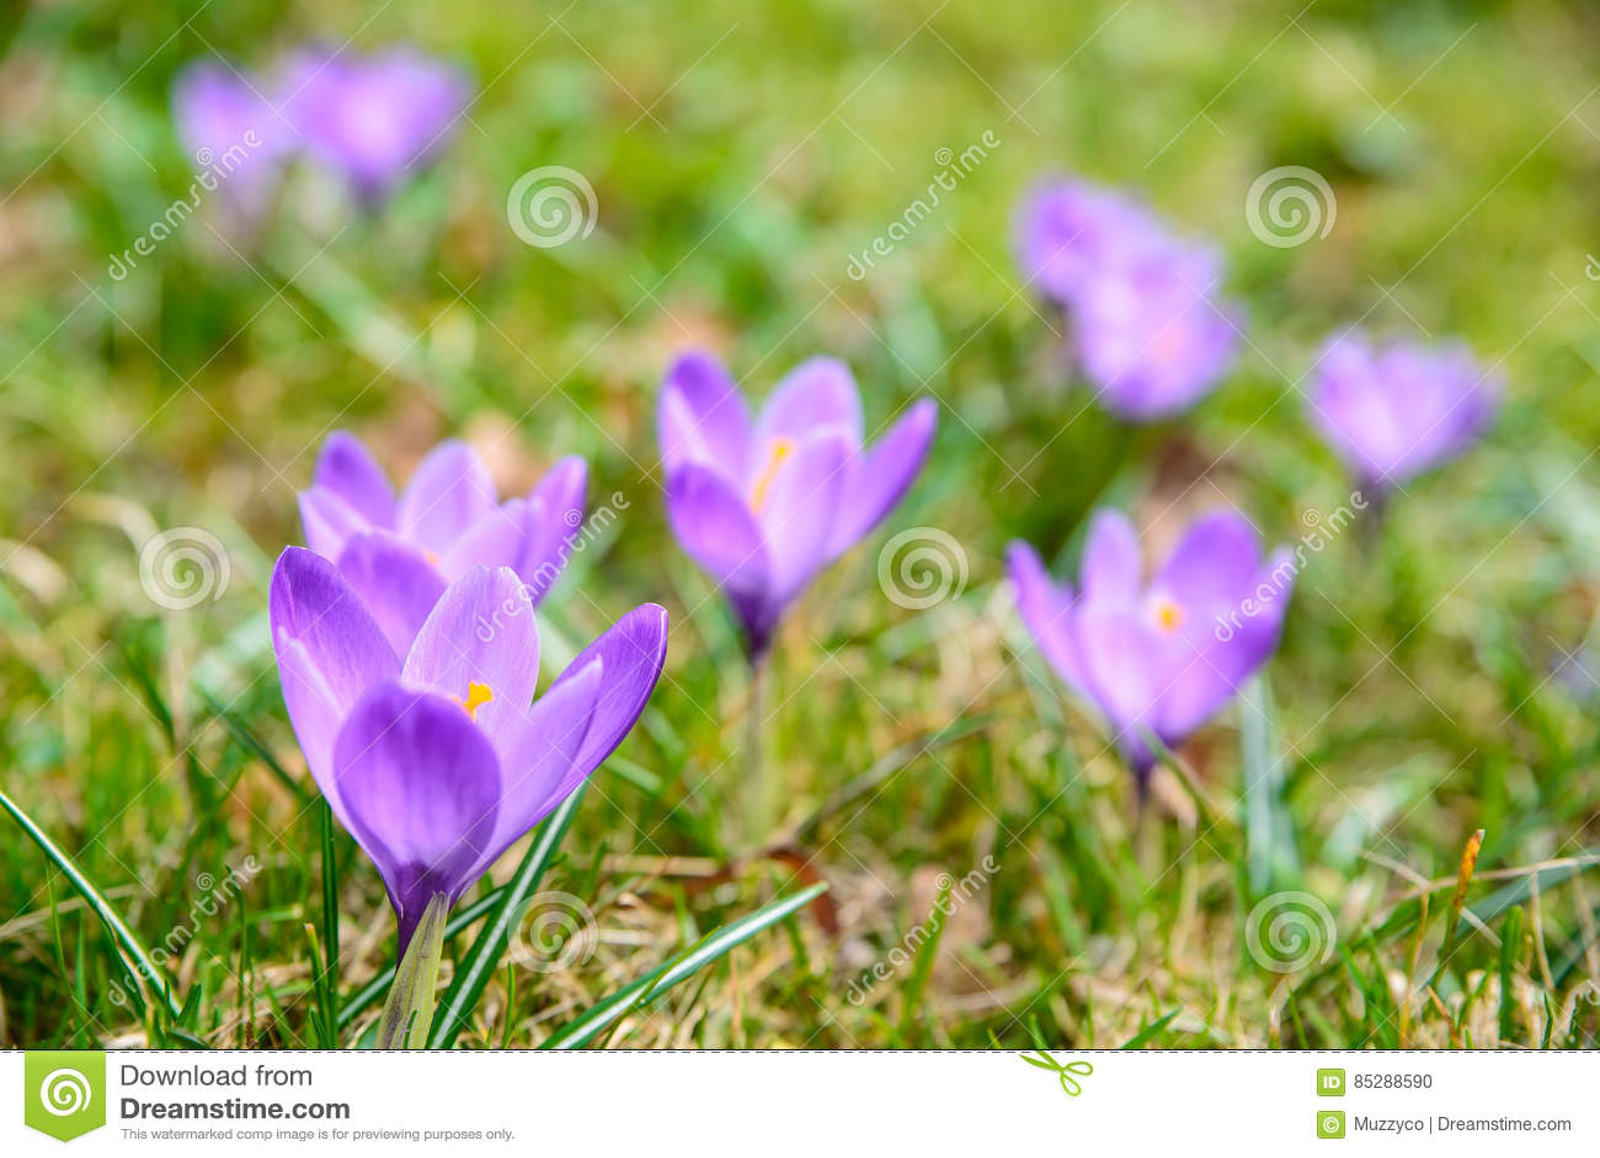 Erste Fruhlingsblumen Stockfoto Bild Von Schon Krokus 85288590